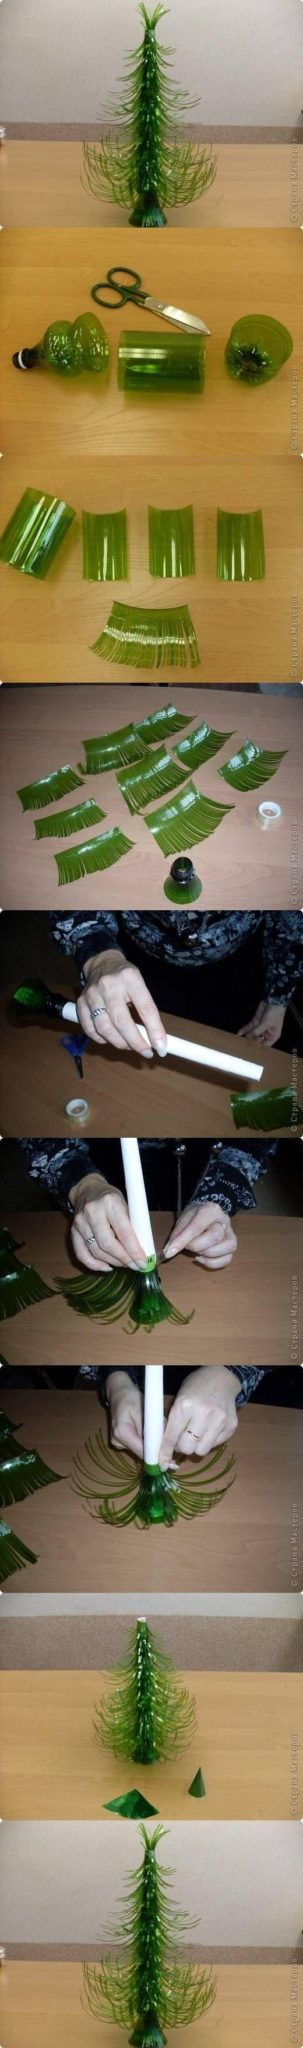 manualidades navideñas con botellas de plastico